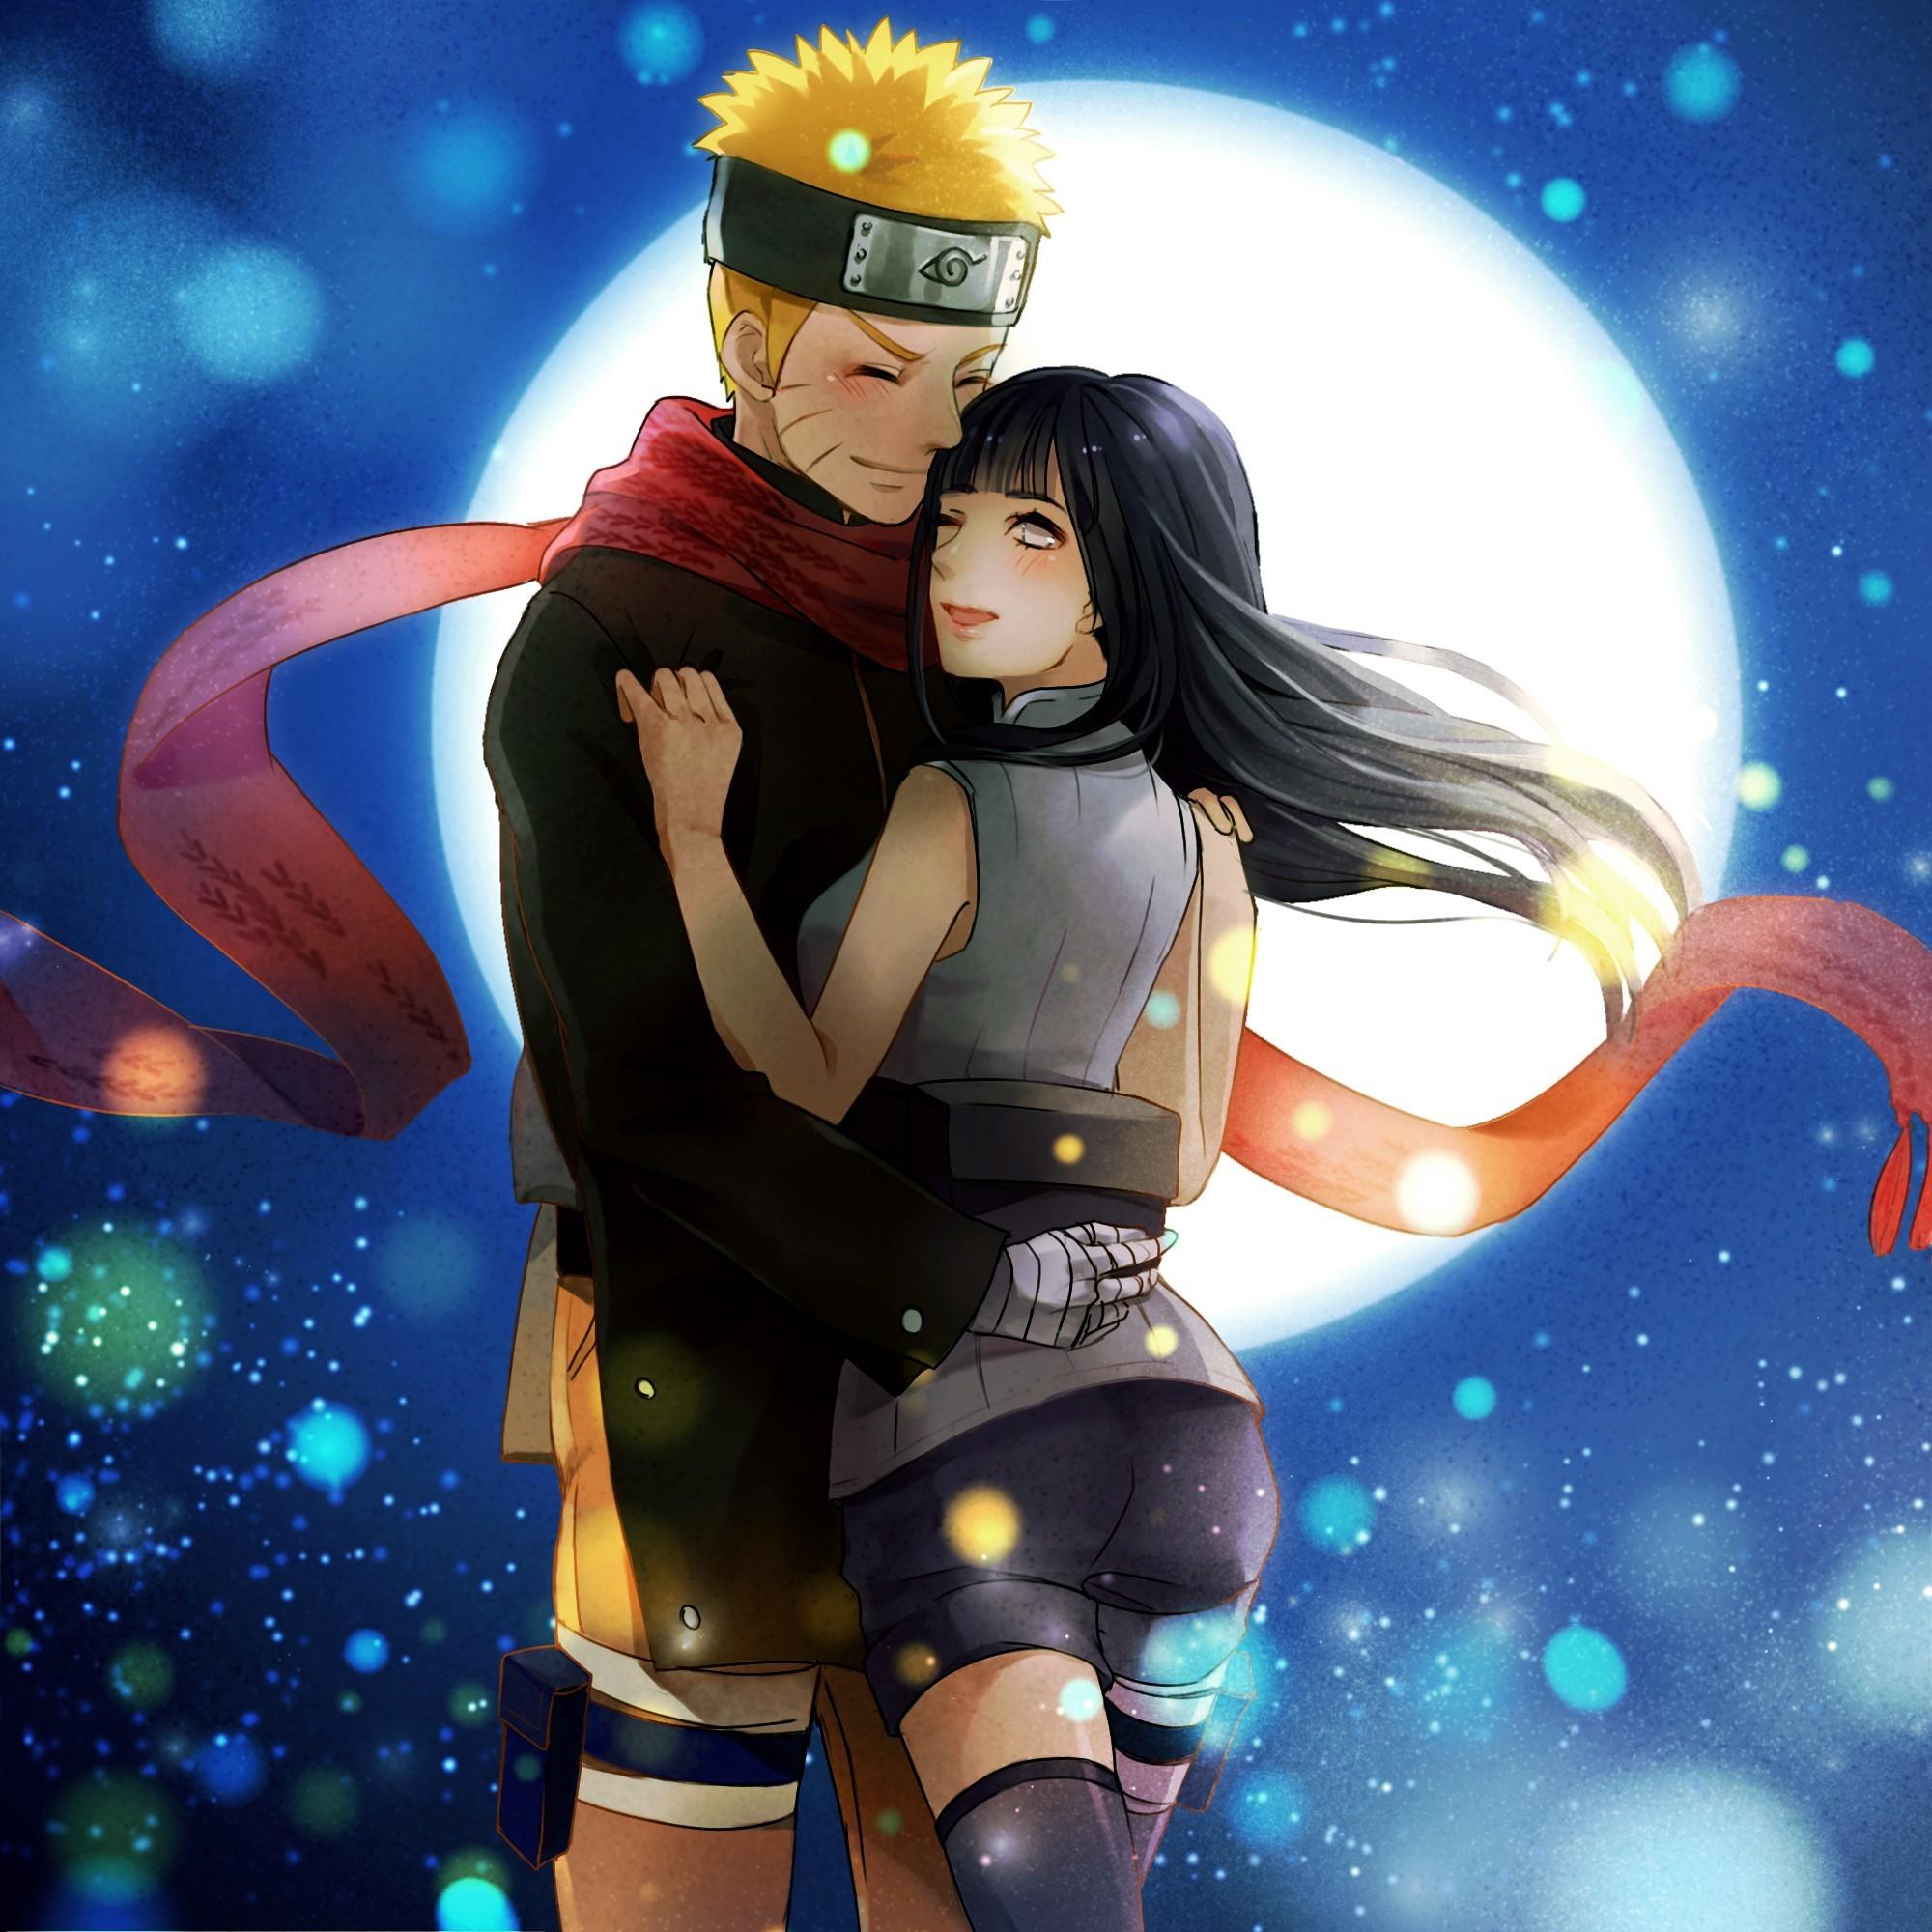 Naruto Hinata Wallpaper 76 Images